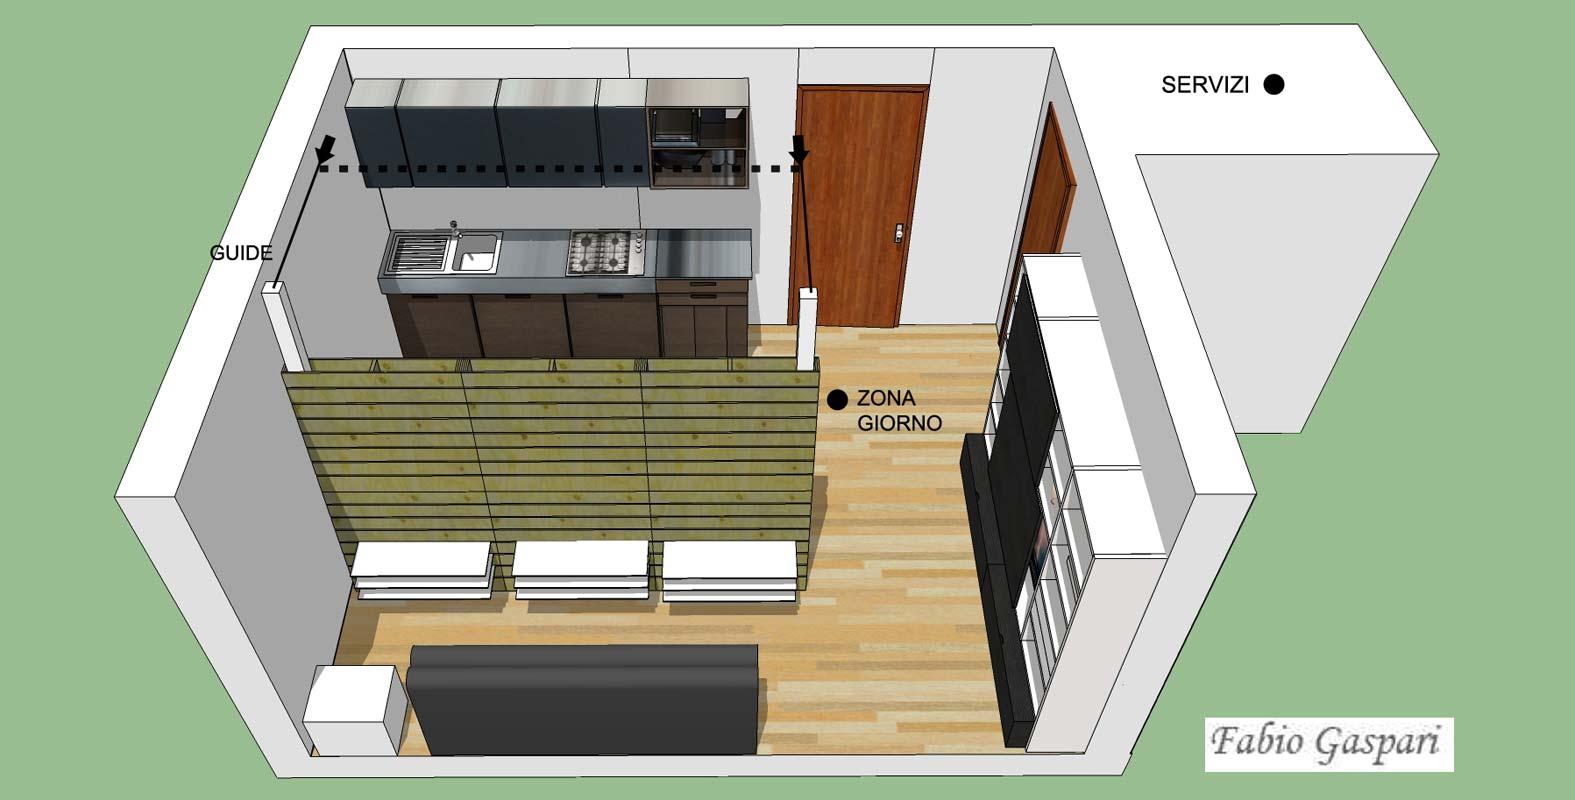 Idea progettuale per monolocale 24mq for Tavoli design low cost